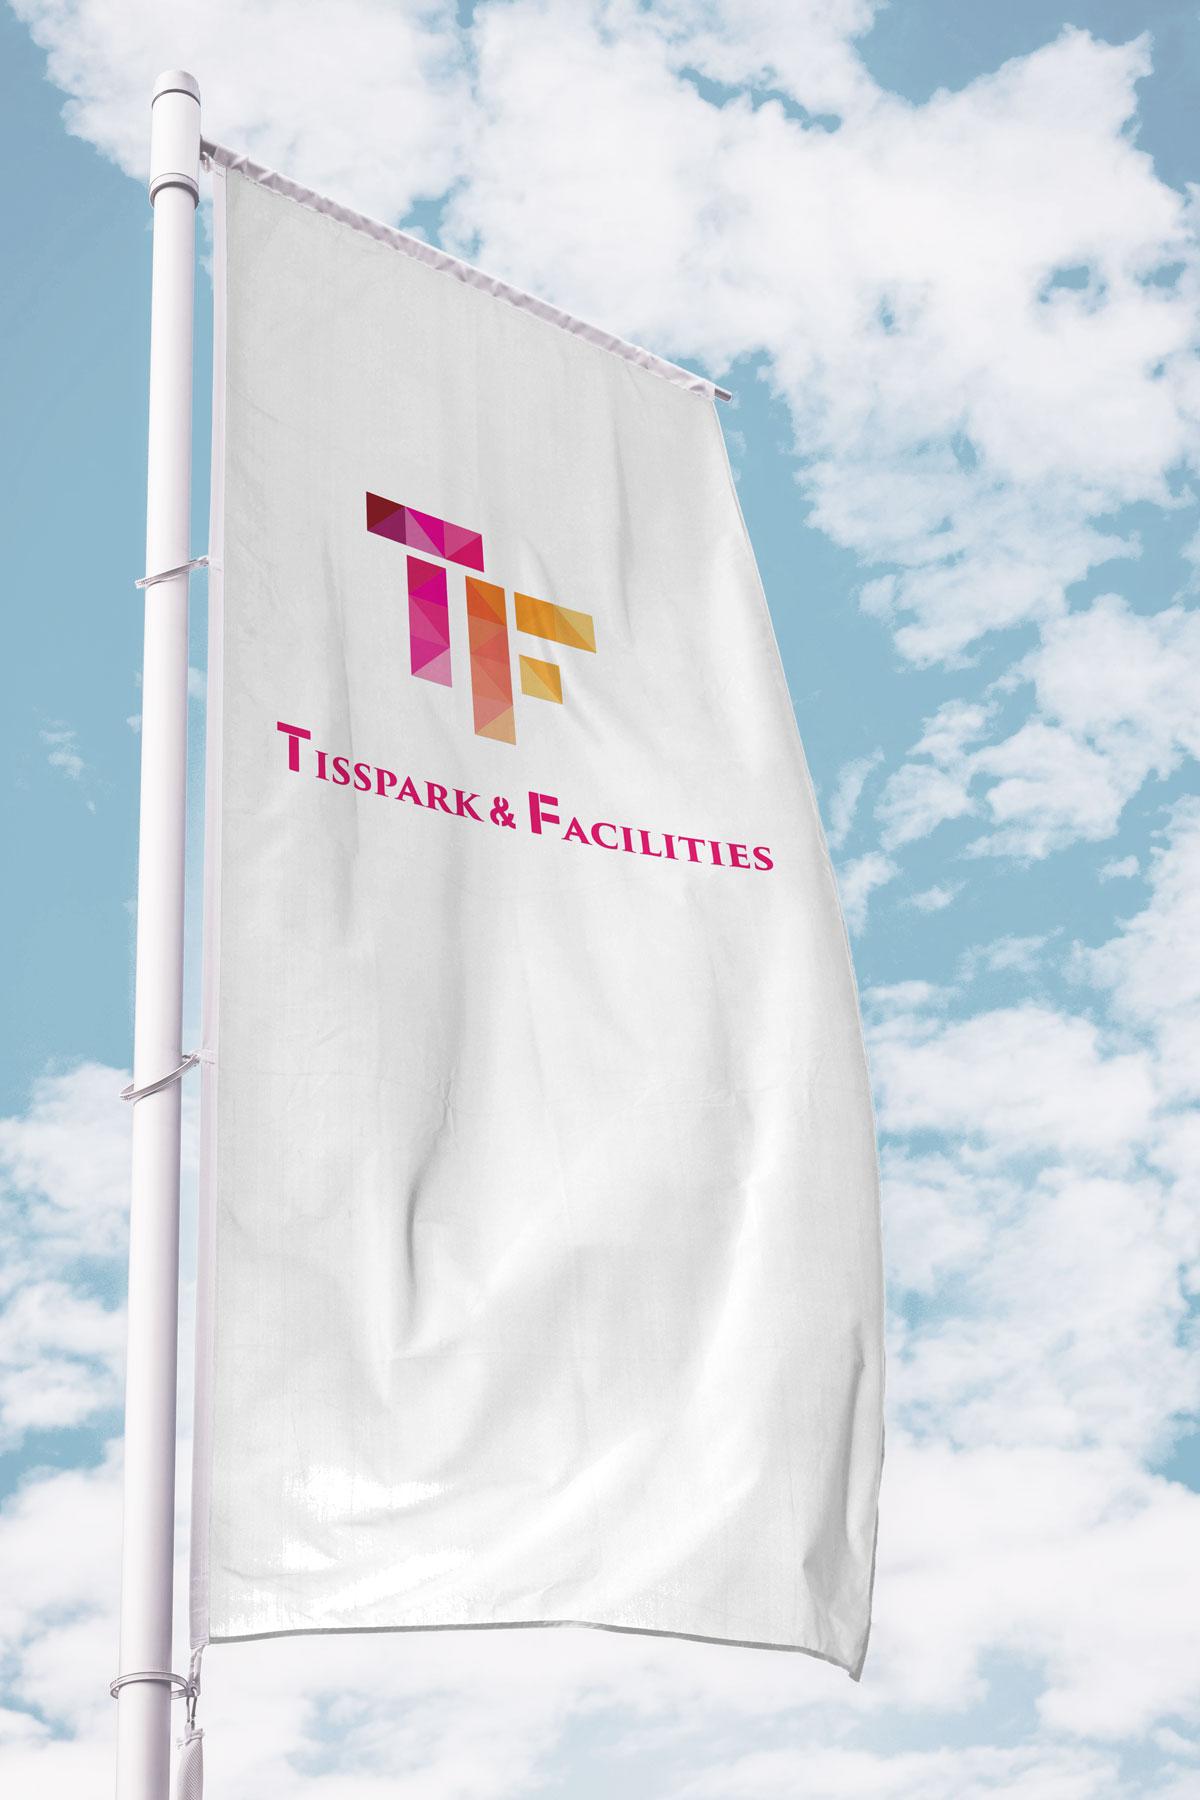 Qui sommes-nous ? Tisspark & Facilities : construction de parkings de stationnement et facility management